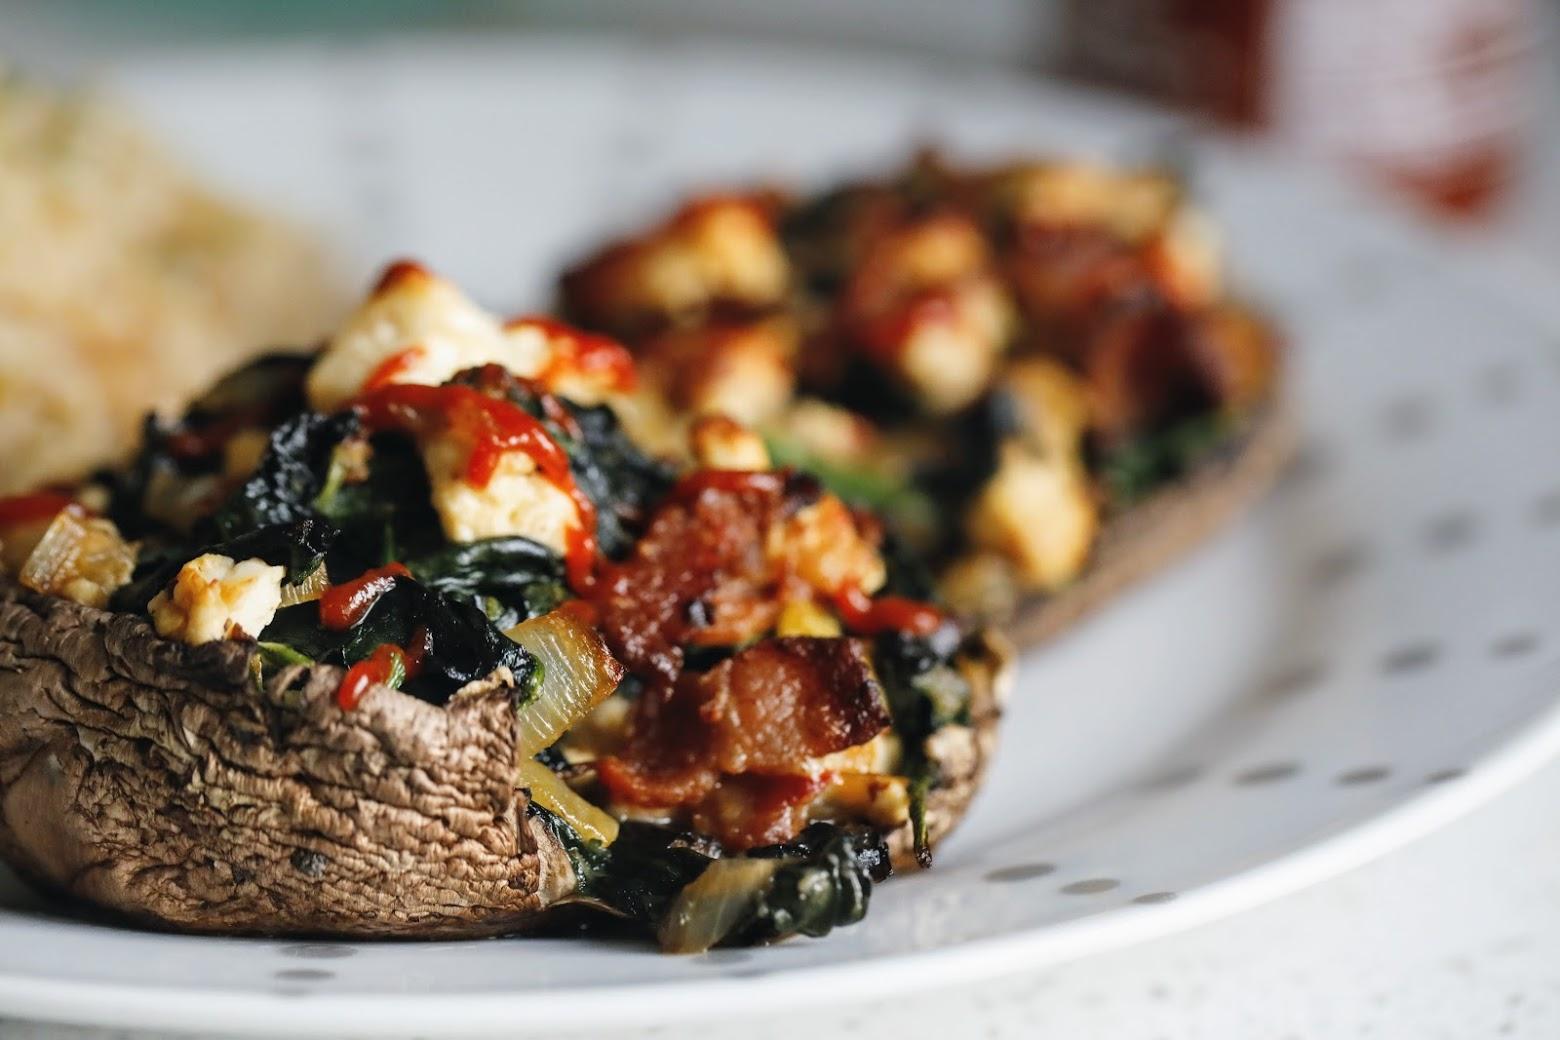 yeg edmonton stuffed mushroom recipe eating